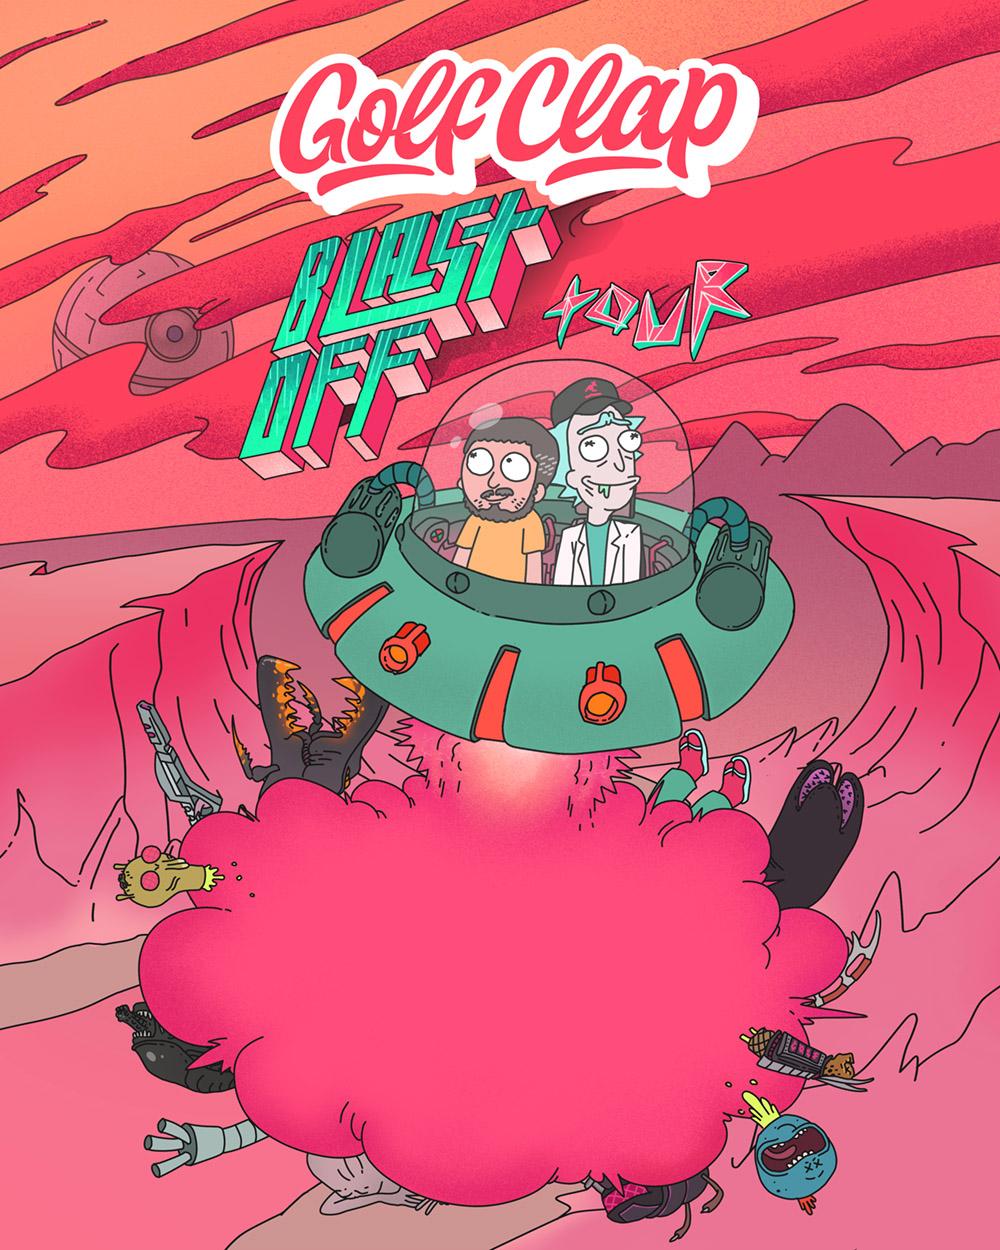 Tour Flyer for Gold Clap